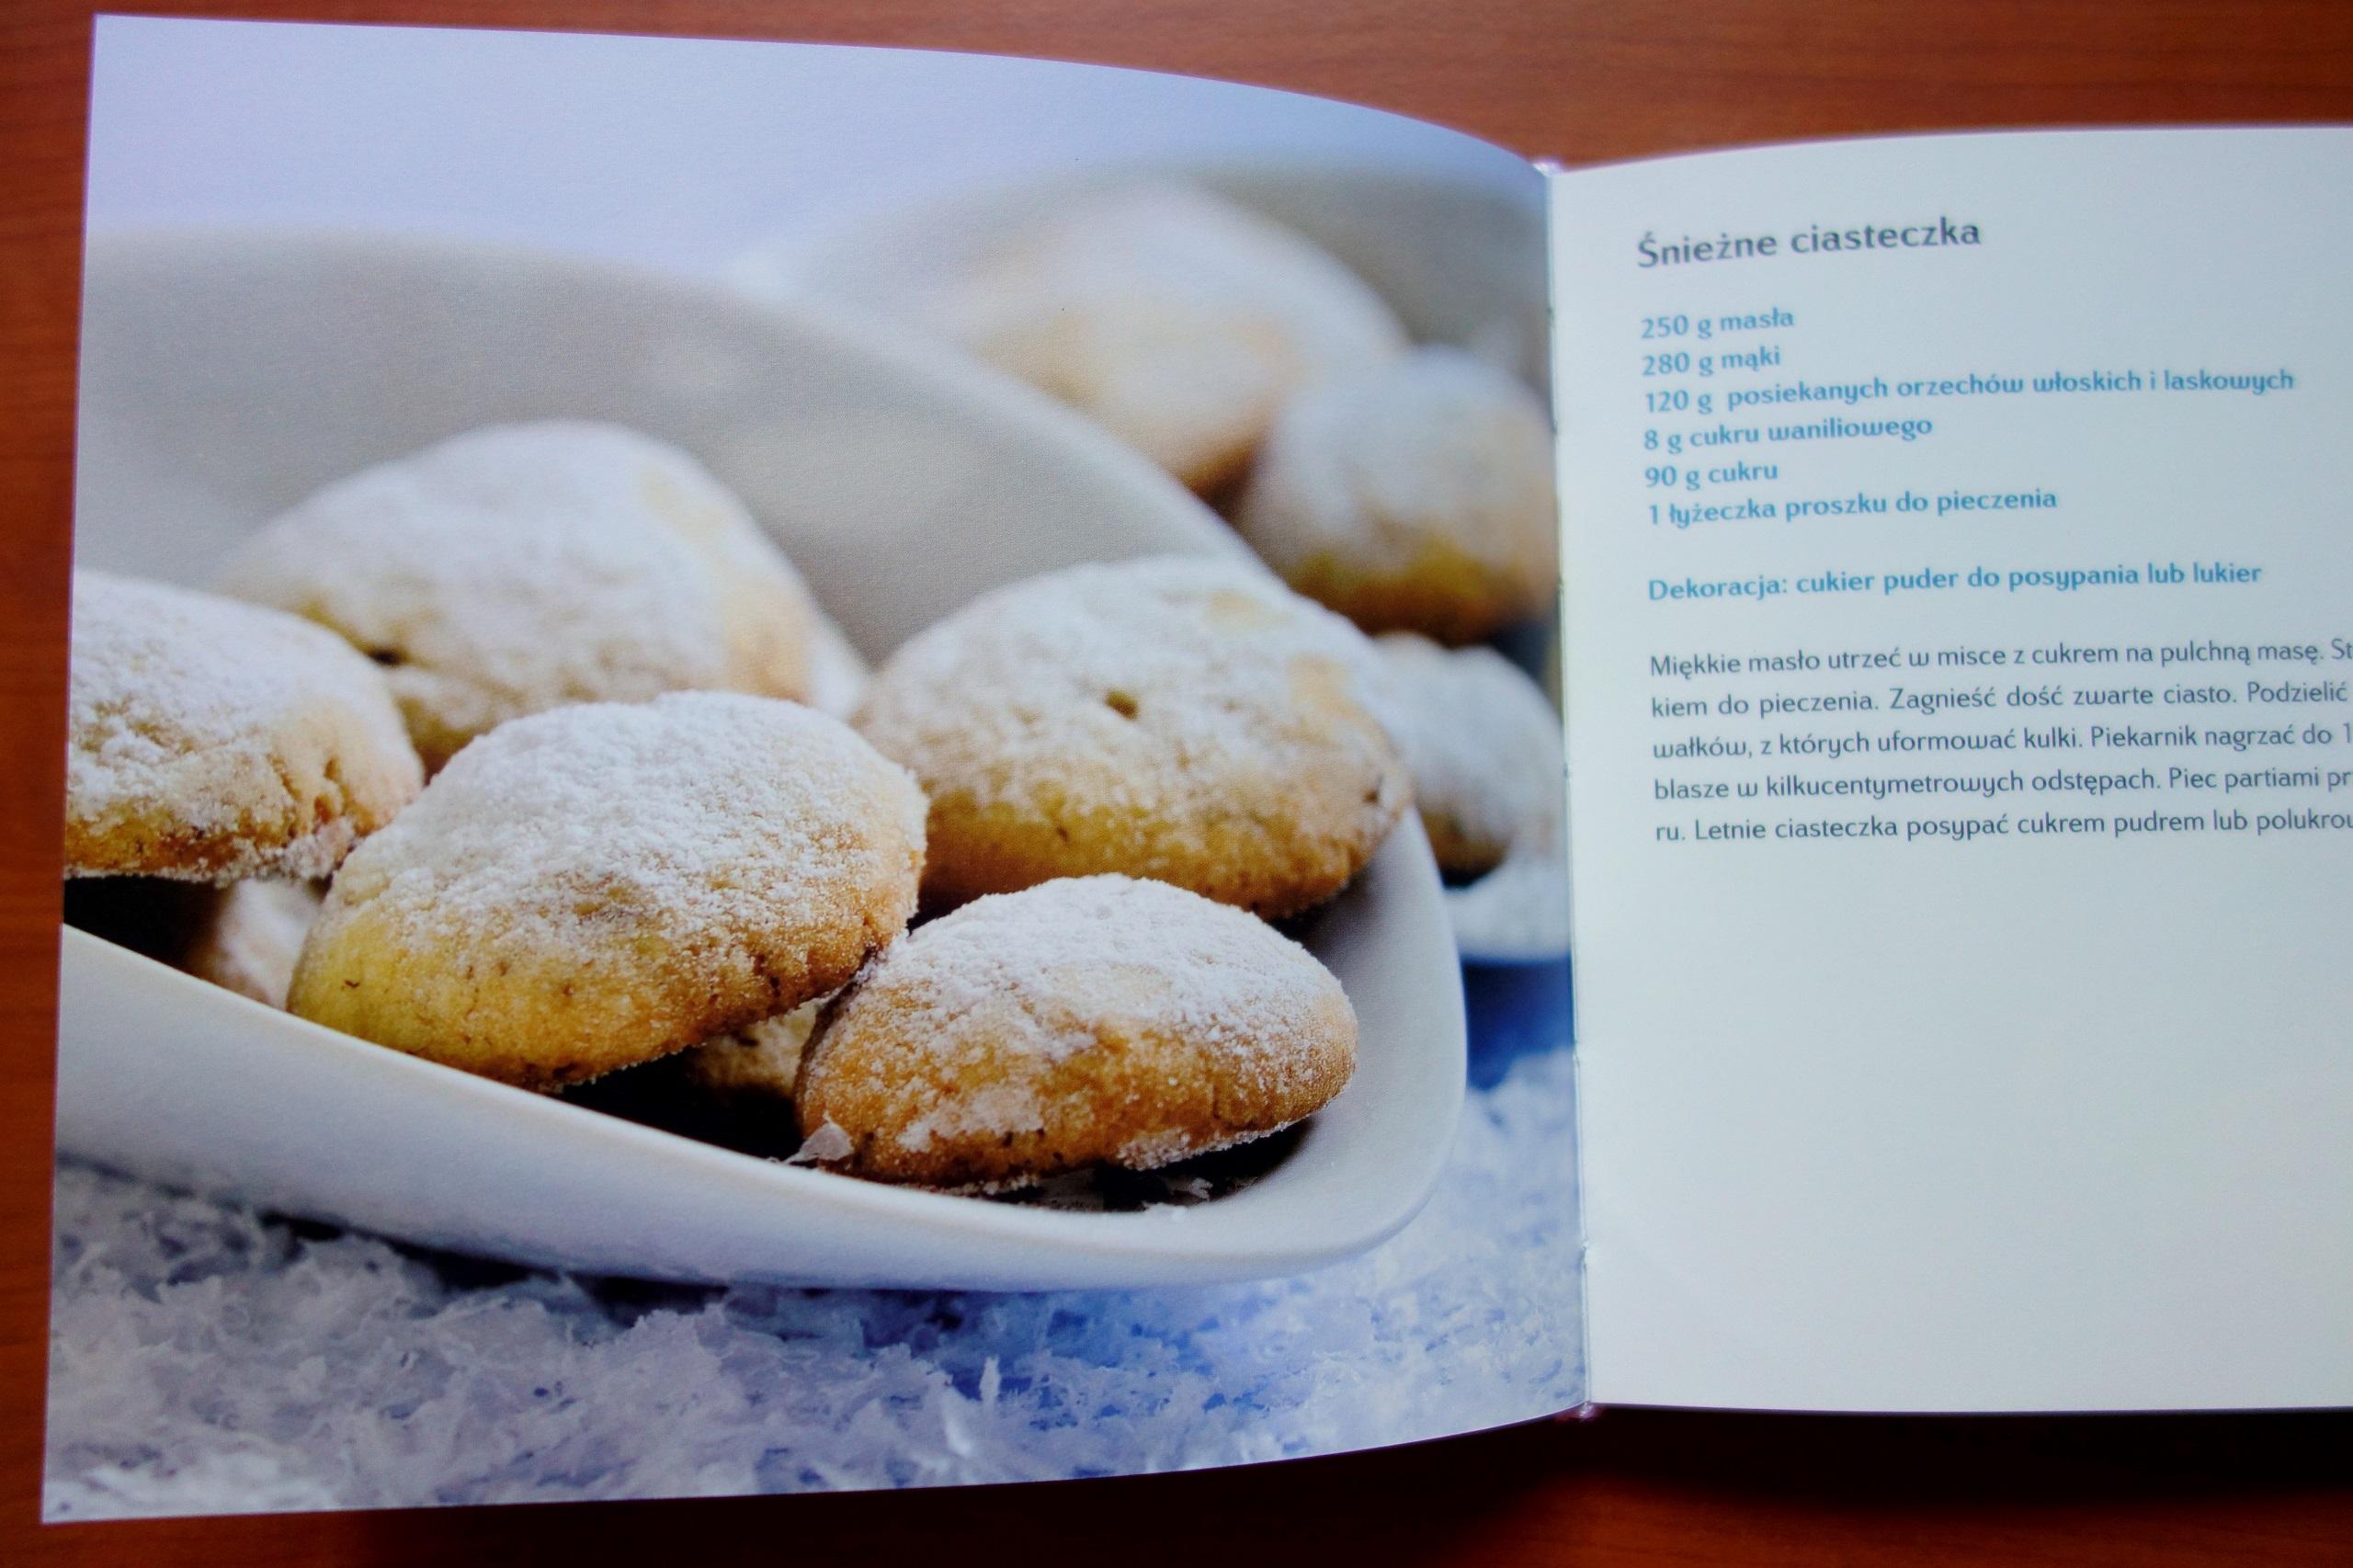 Ciasteczka cieszyńskie - śnieżne ciasteczka - dania śląskie, których nie znaliście